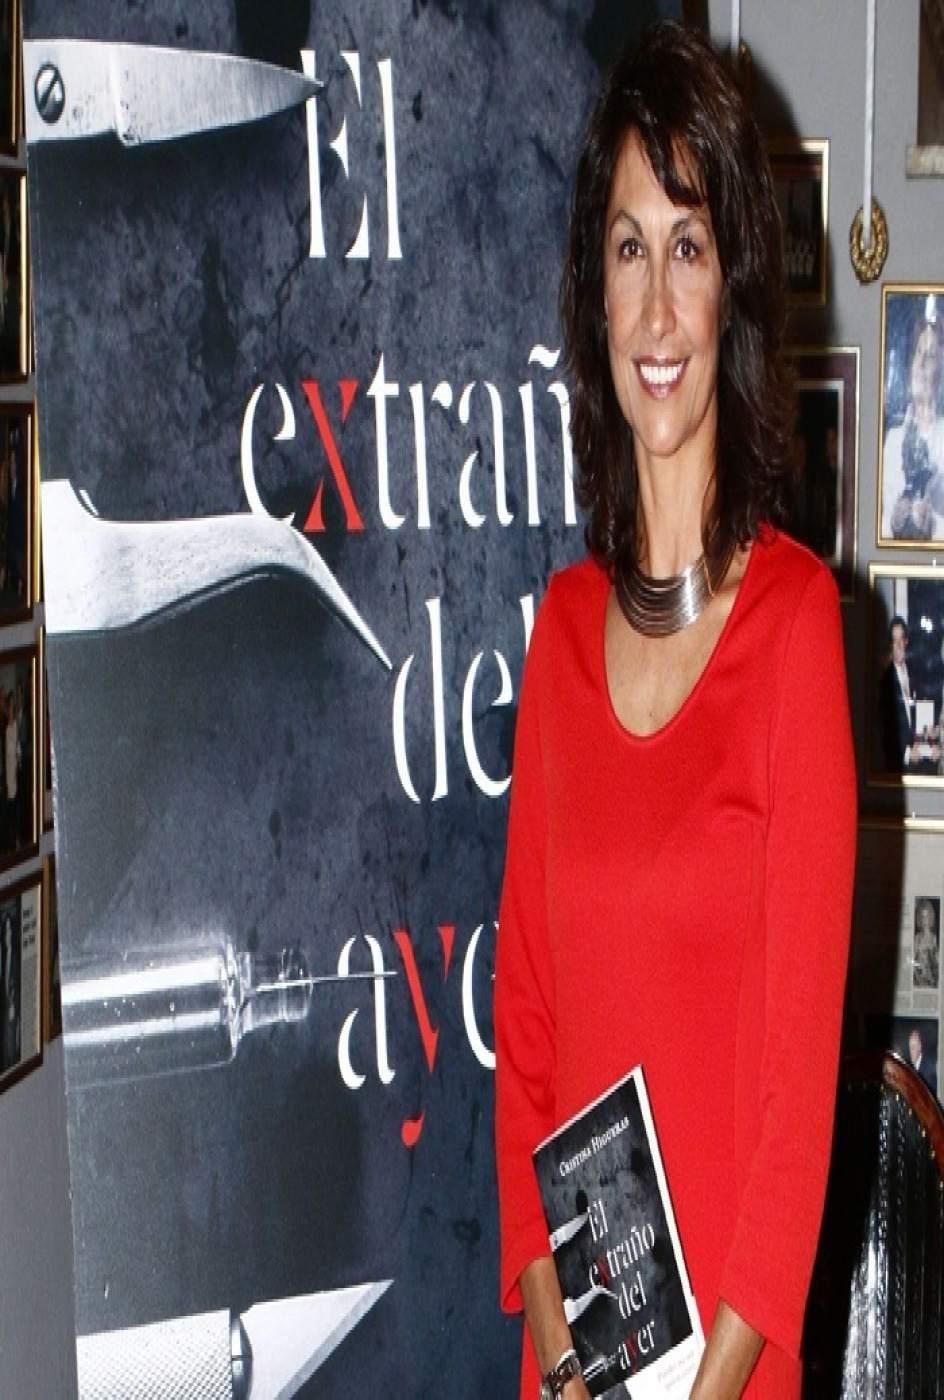 Cristina Higueras viaja a Tauste con el ciclo de ''Escritoras españolas'' de la DPZ  Ver más en: http://www.20minutos.es/noticia/2759464/0/cristina-higueras-viaja-tauste-con-ciclo-escritoras-espanolas-dpz/#xtor=AD-15&xts=467263